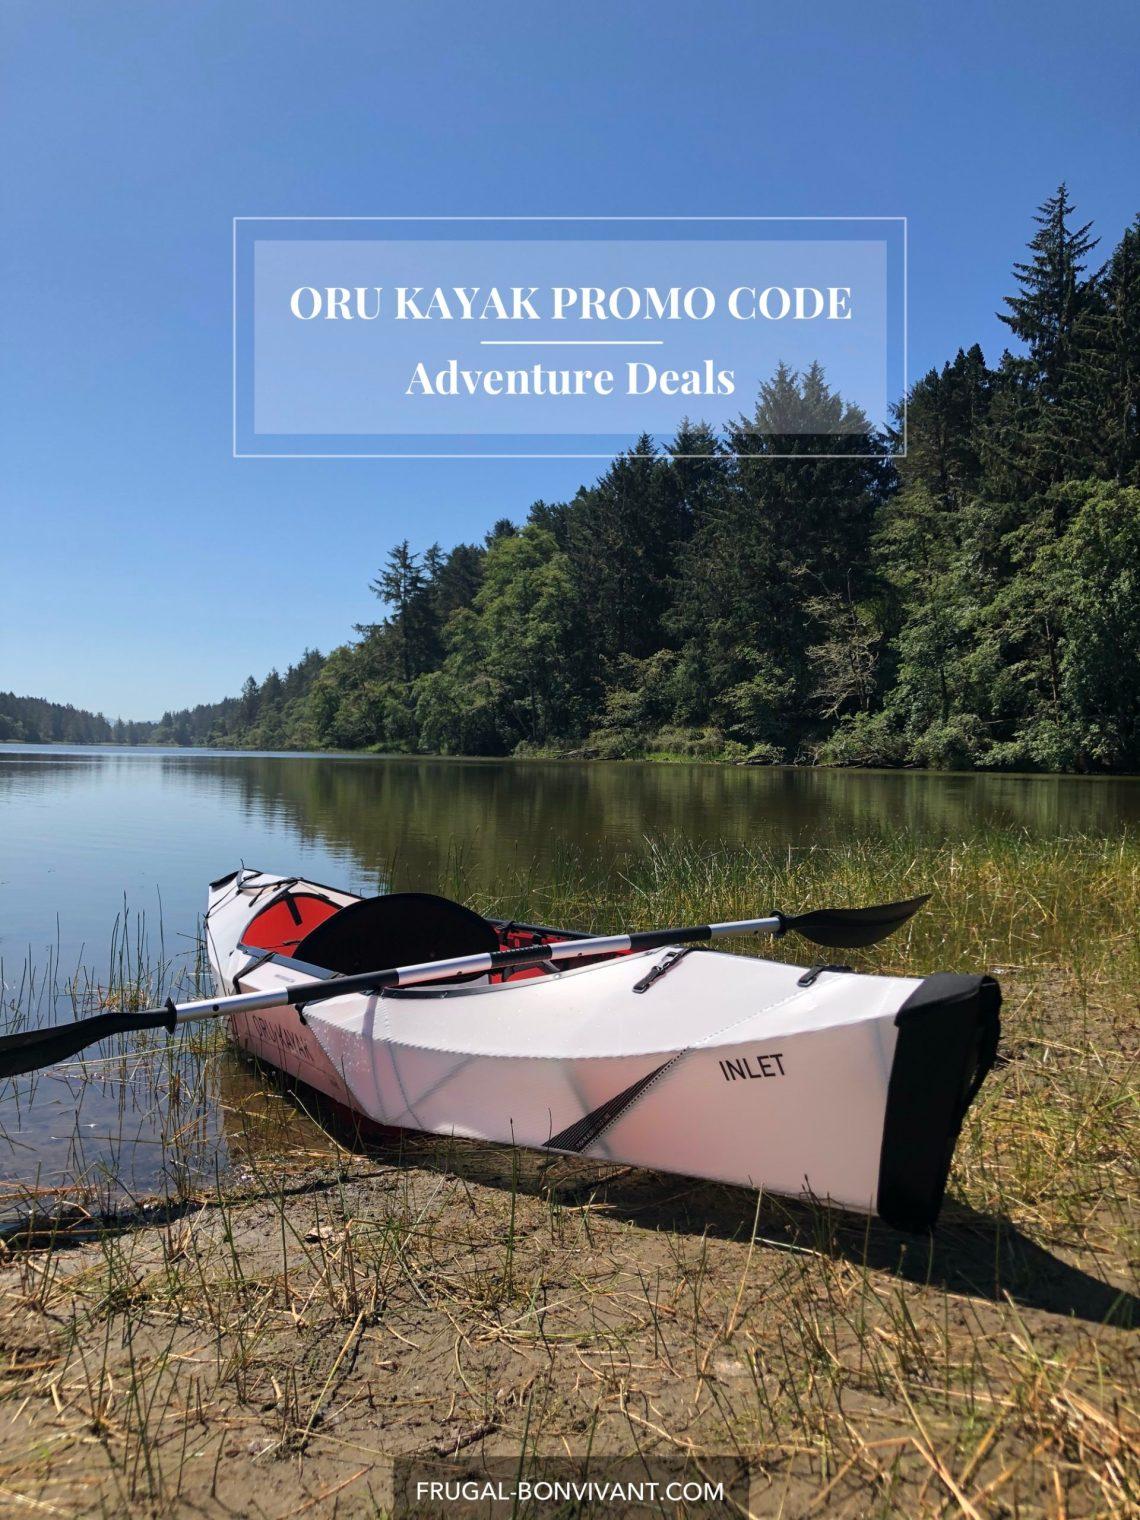 Oru Kayak Promo Code: 10% Off $1000 orders with code FBV